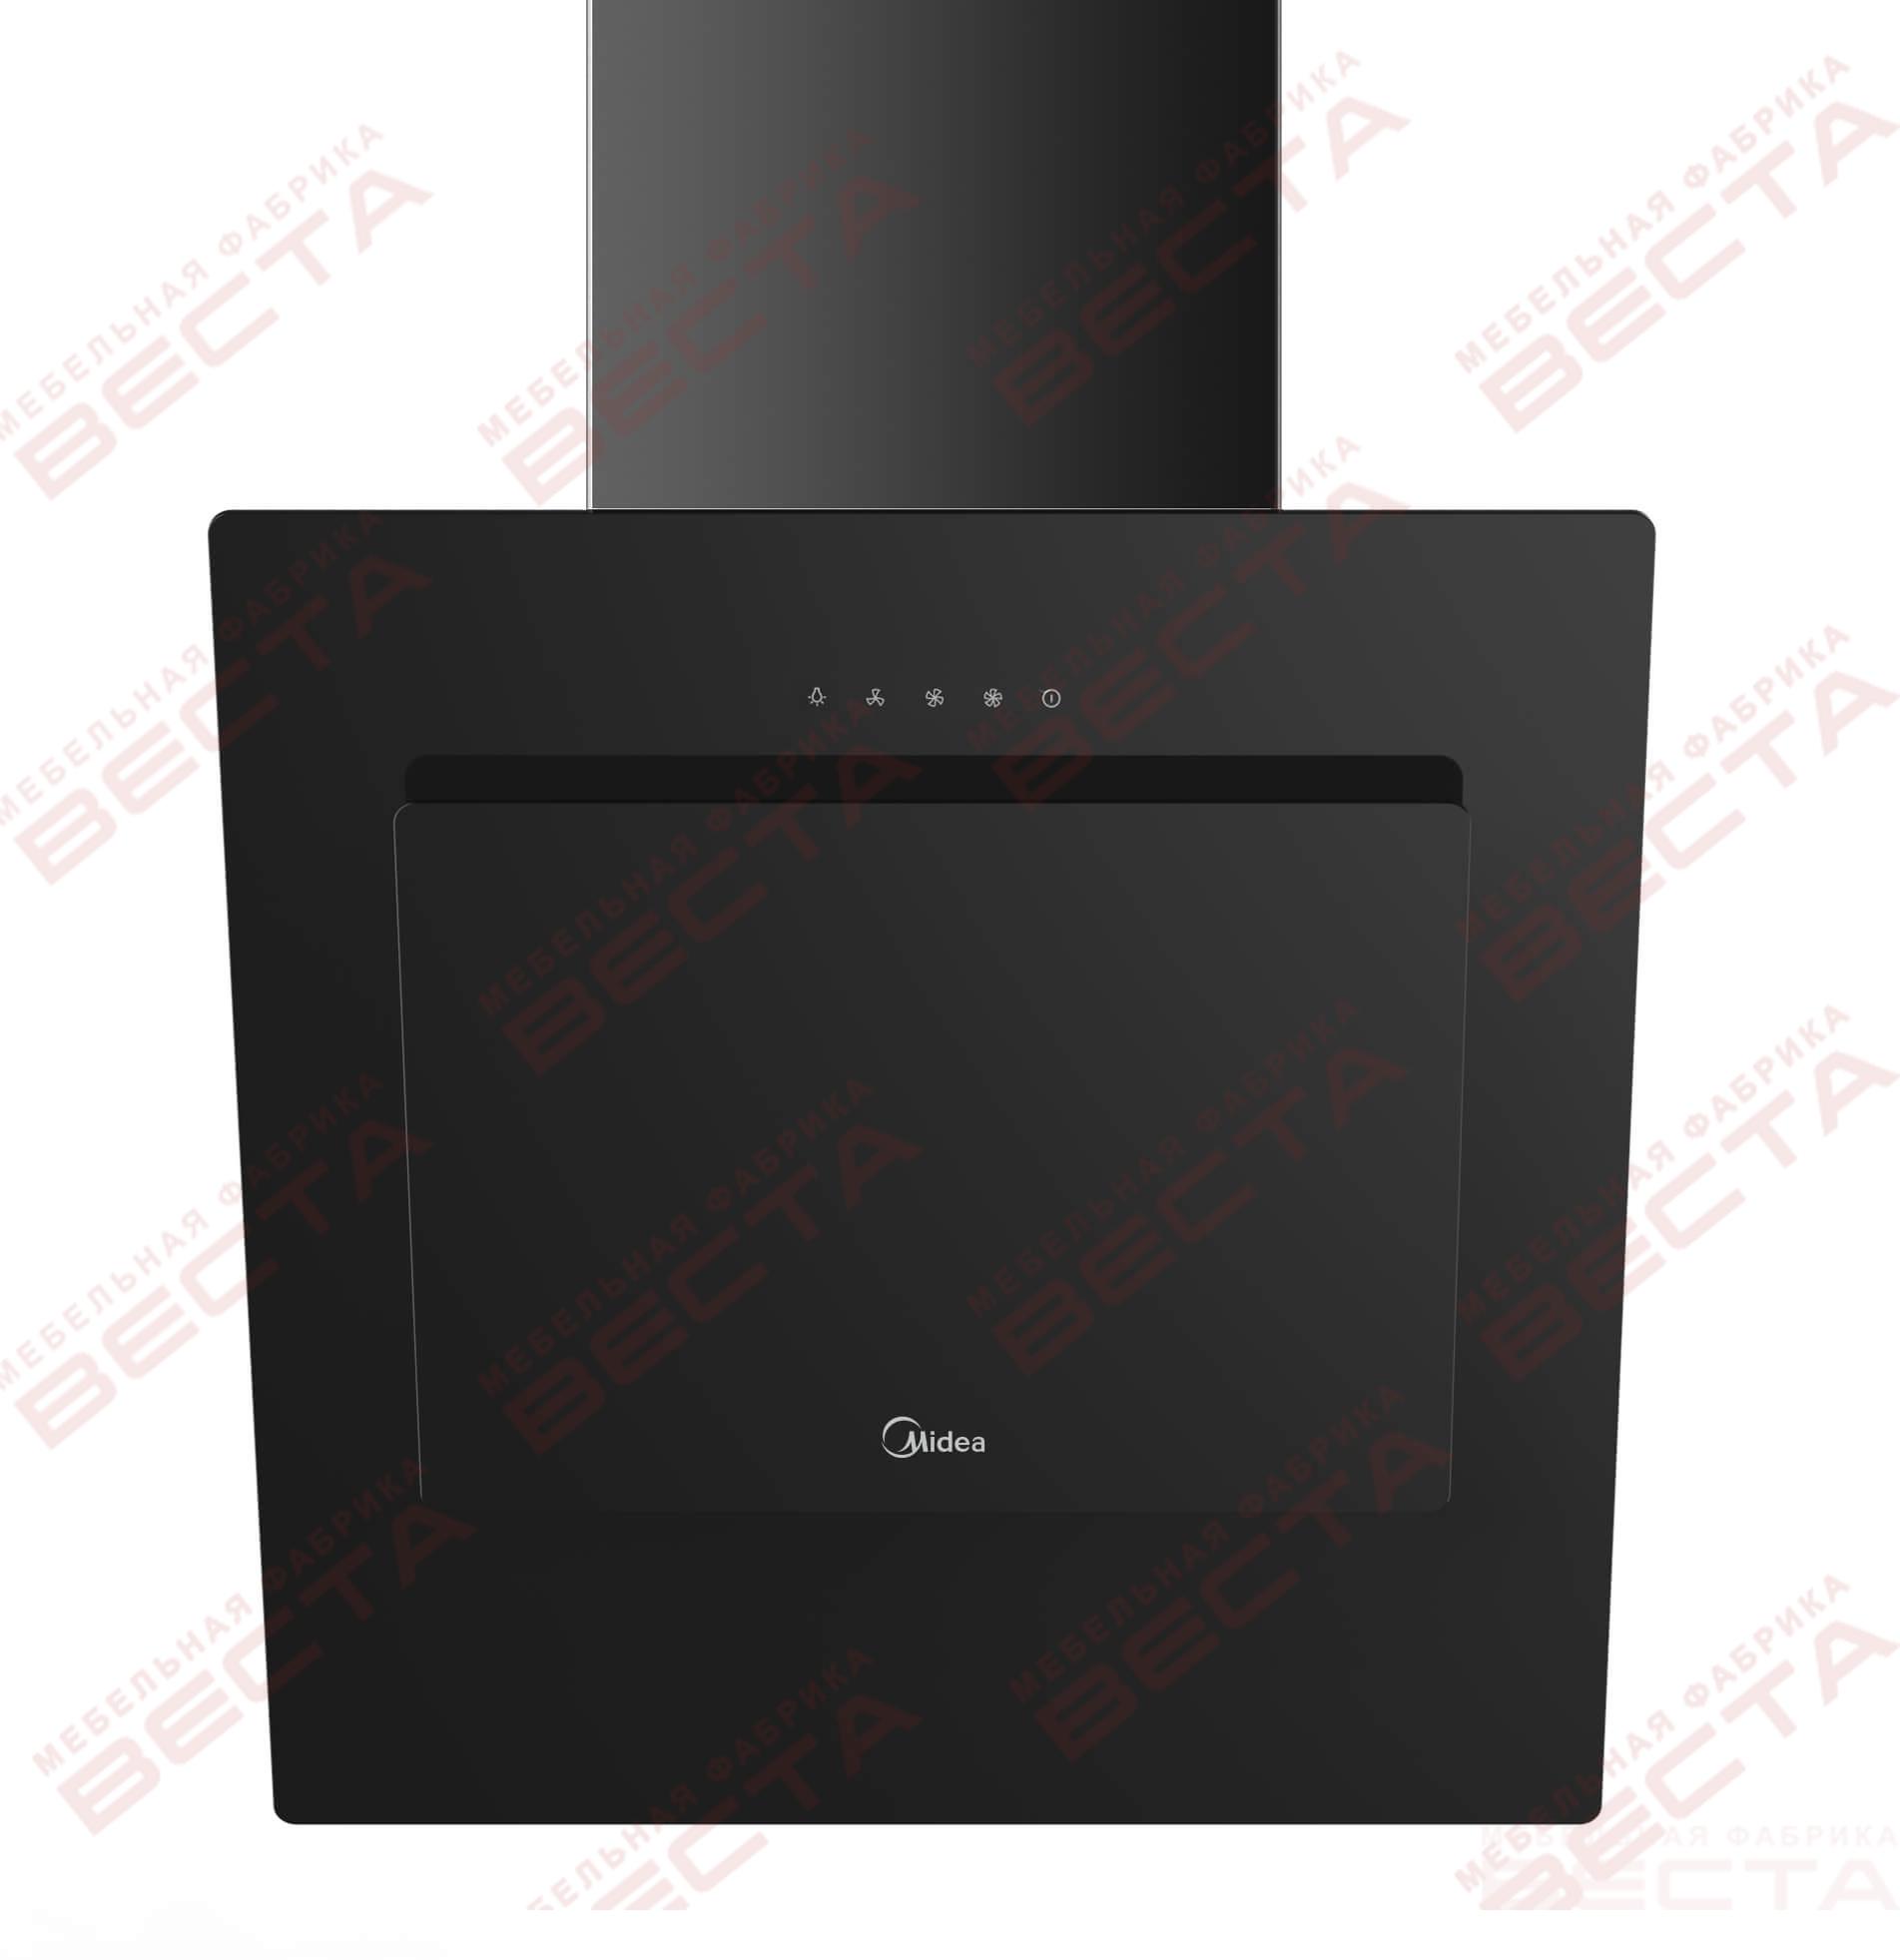 Вытяжка наклонная MIDEA MH60AN595GB, 60 см, без угольн. фильтра, черный/черное стекло